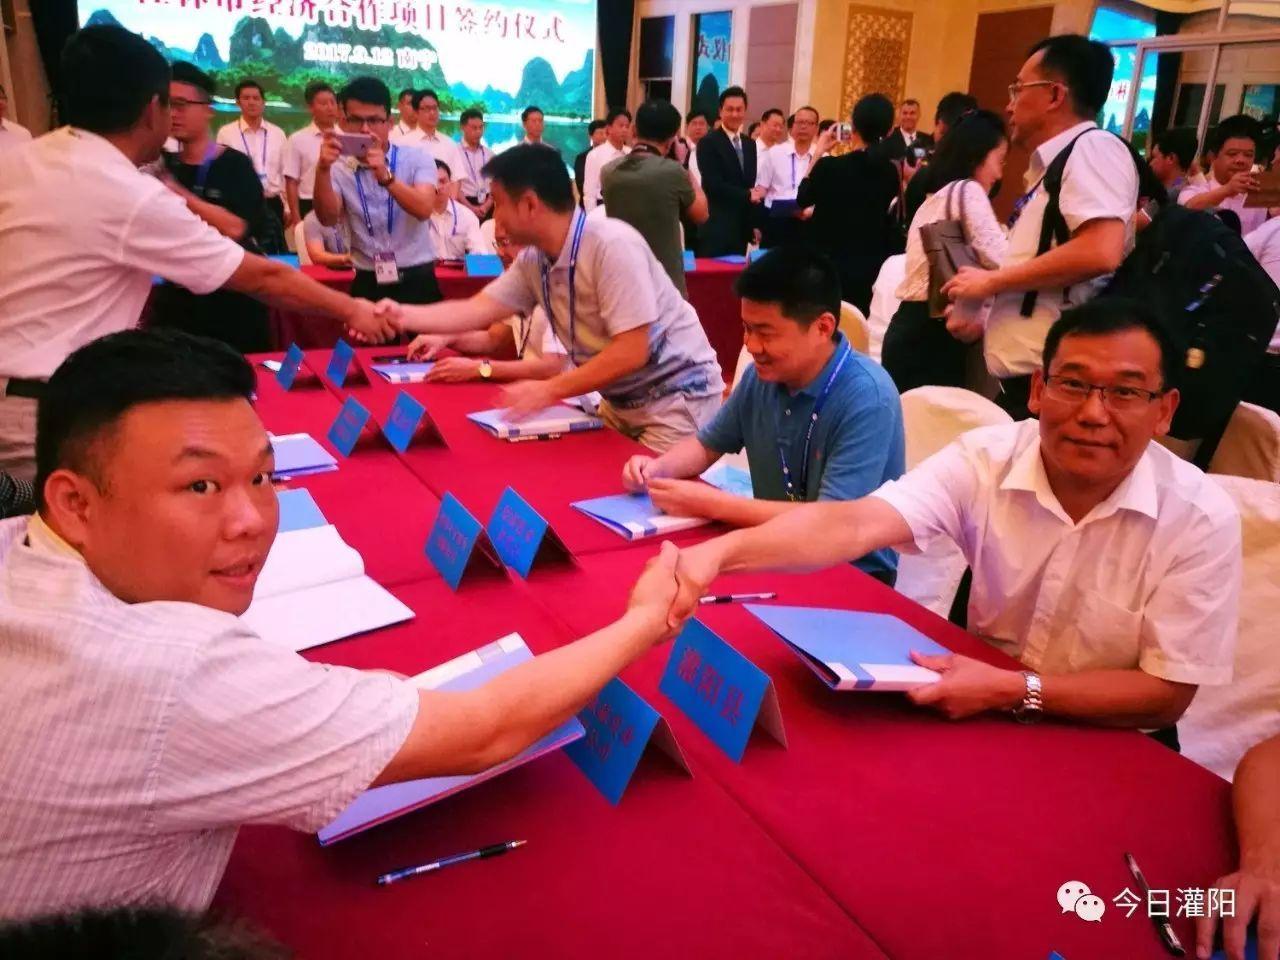 灌阳县在14届中国—东盟博览会上首天签约5个亿 - wmj69888 - wmj69888的博客